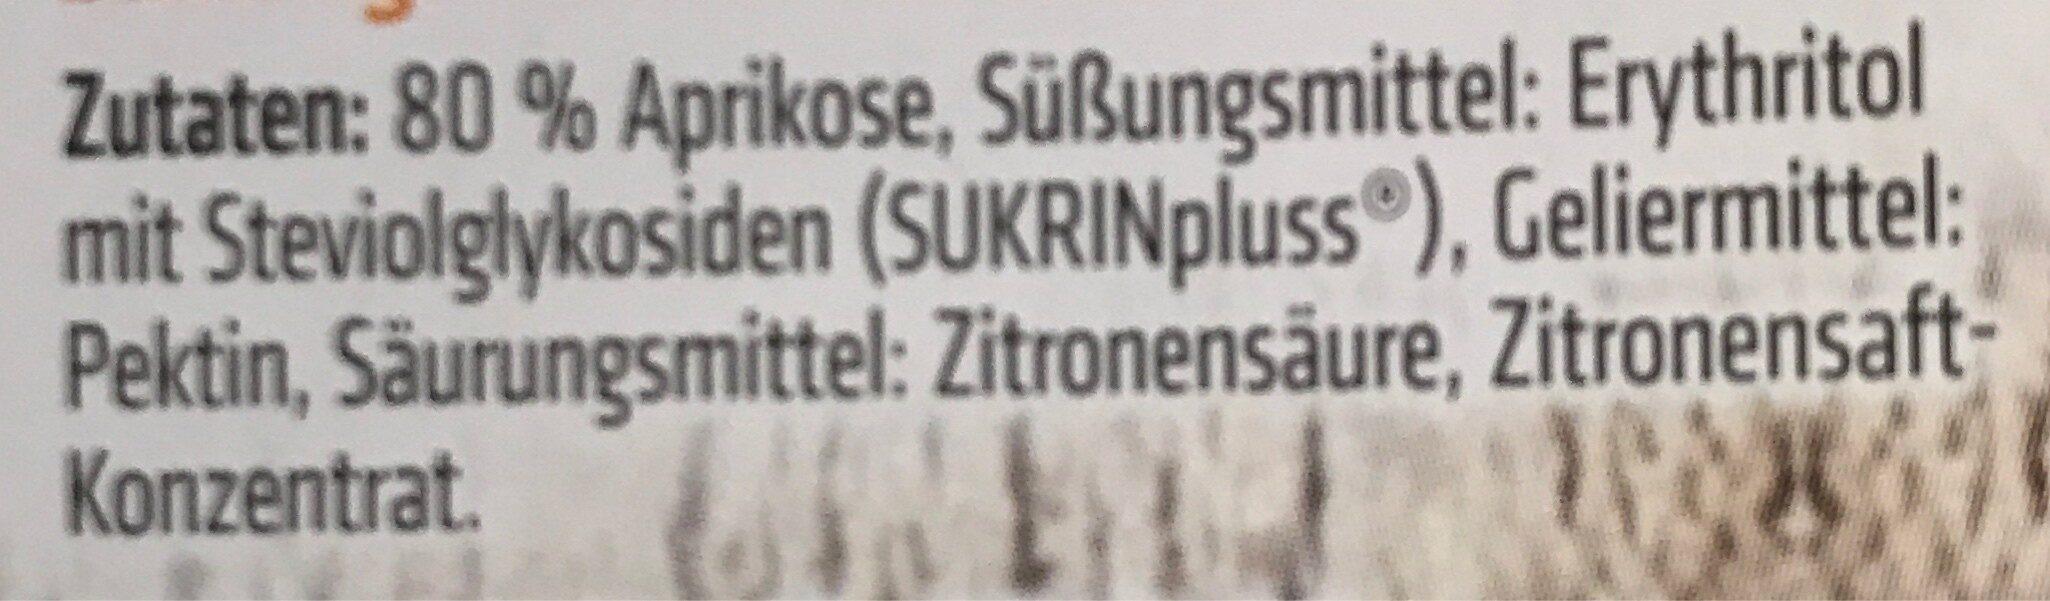 Sukrin Fruchtaufstrich, 80% Frucht, Aprikose, 2 X - Ingrédients - fr